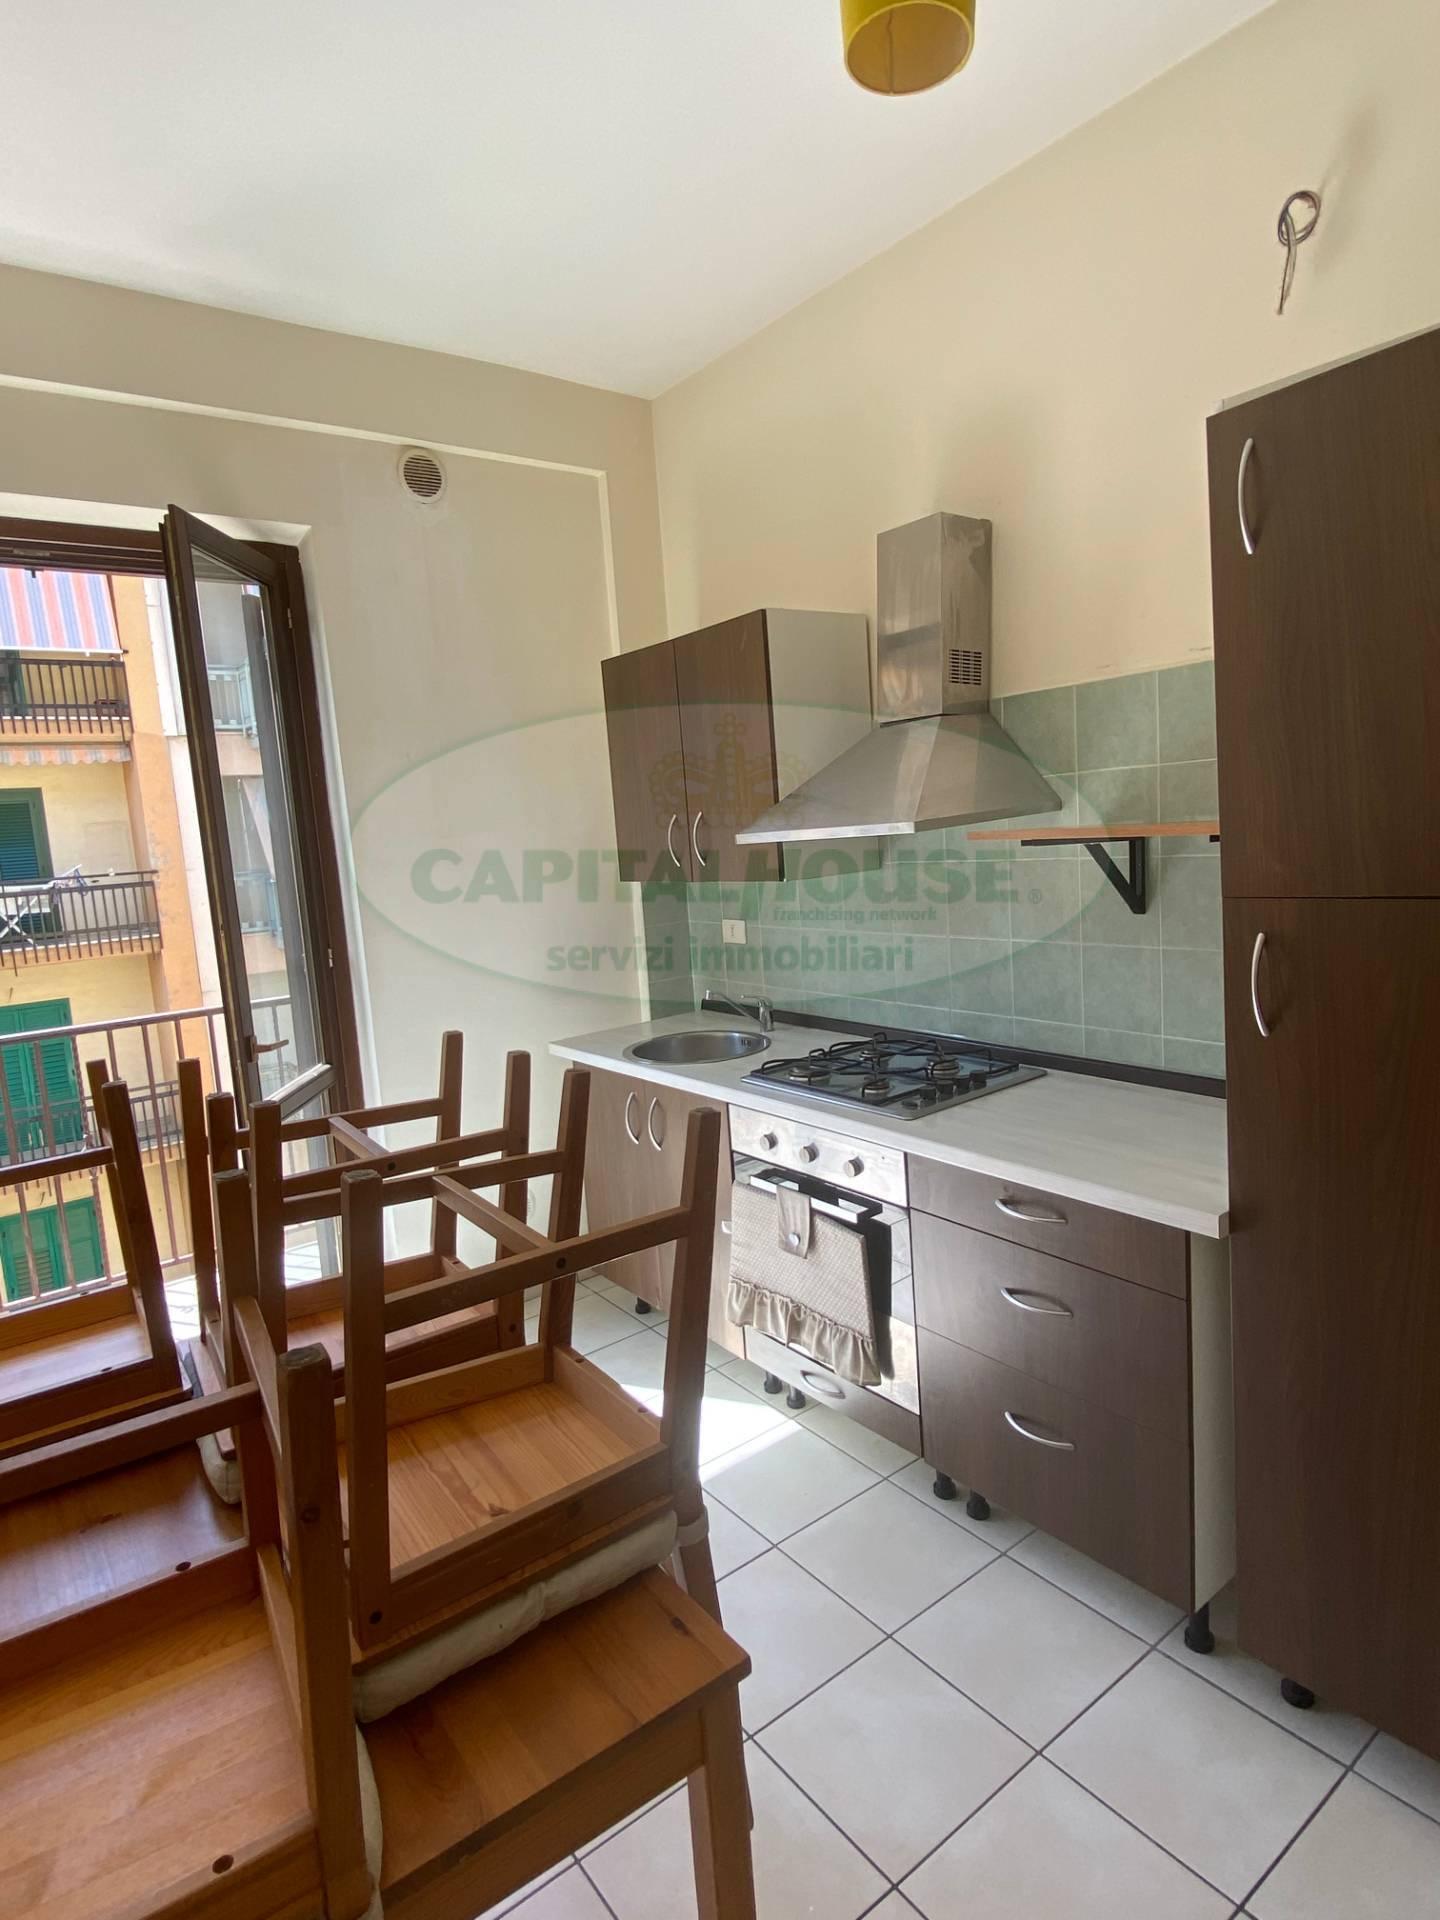 Appartamento in affitto a Avellino, 70 locali, prezzo € 400 | CambioCasa.it